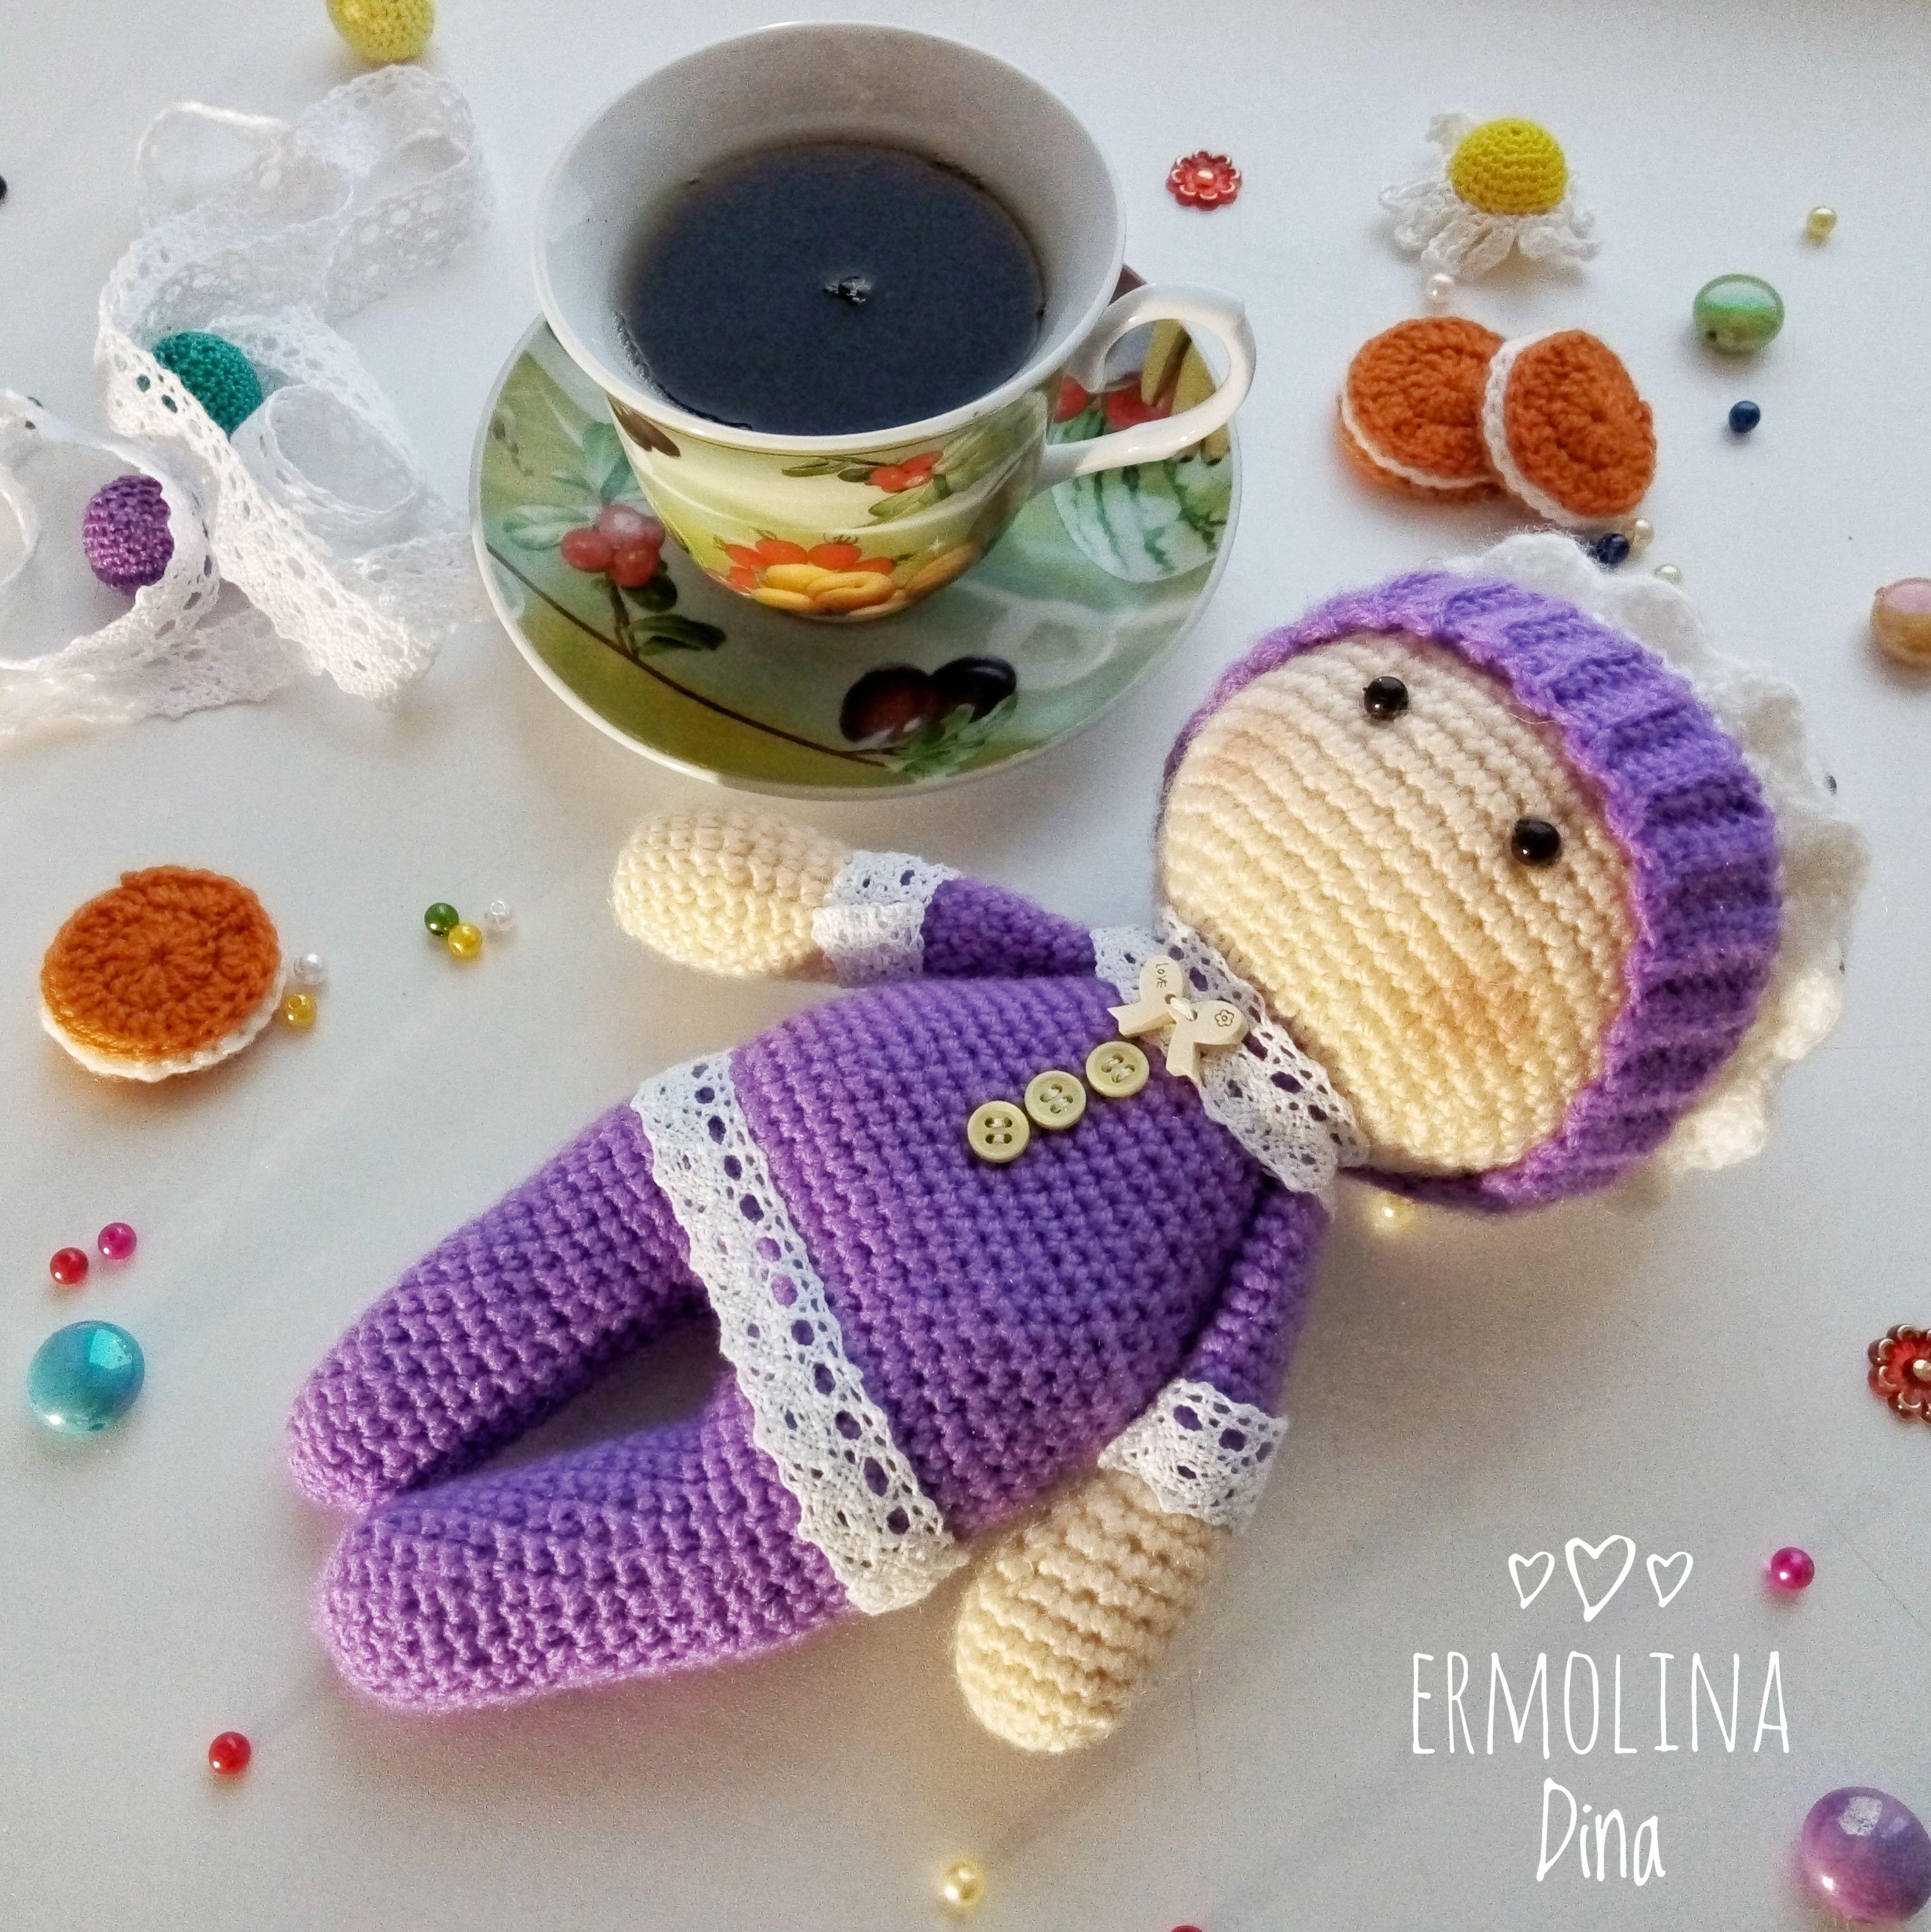 игрушка длямальчика кукла игрушкавязанная длядевочки подарок